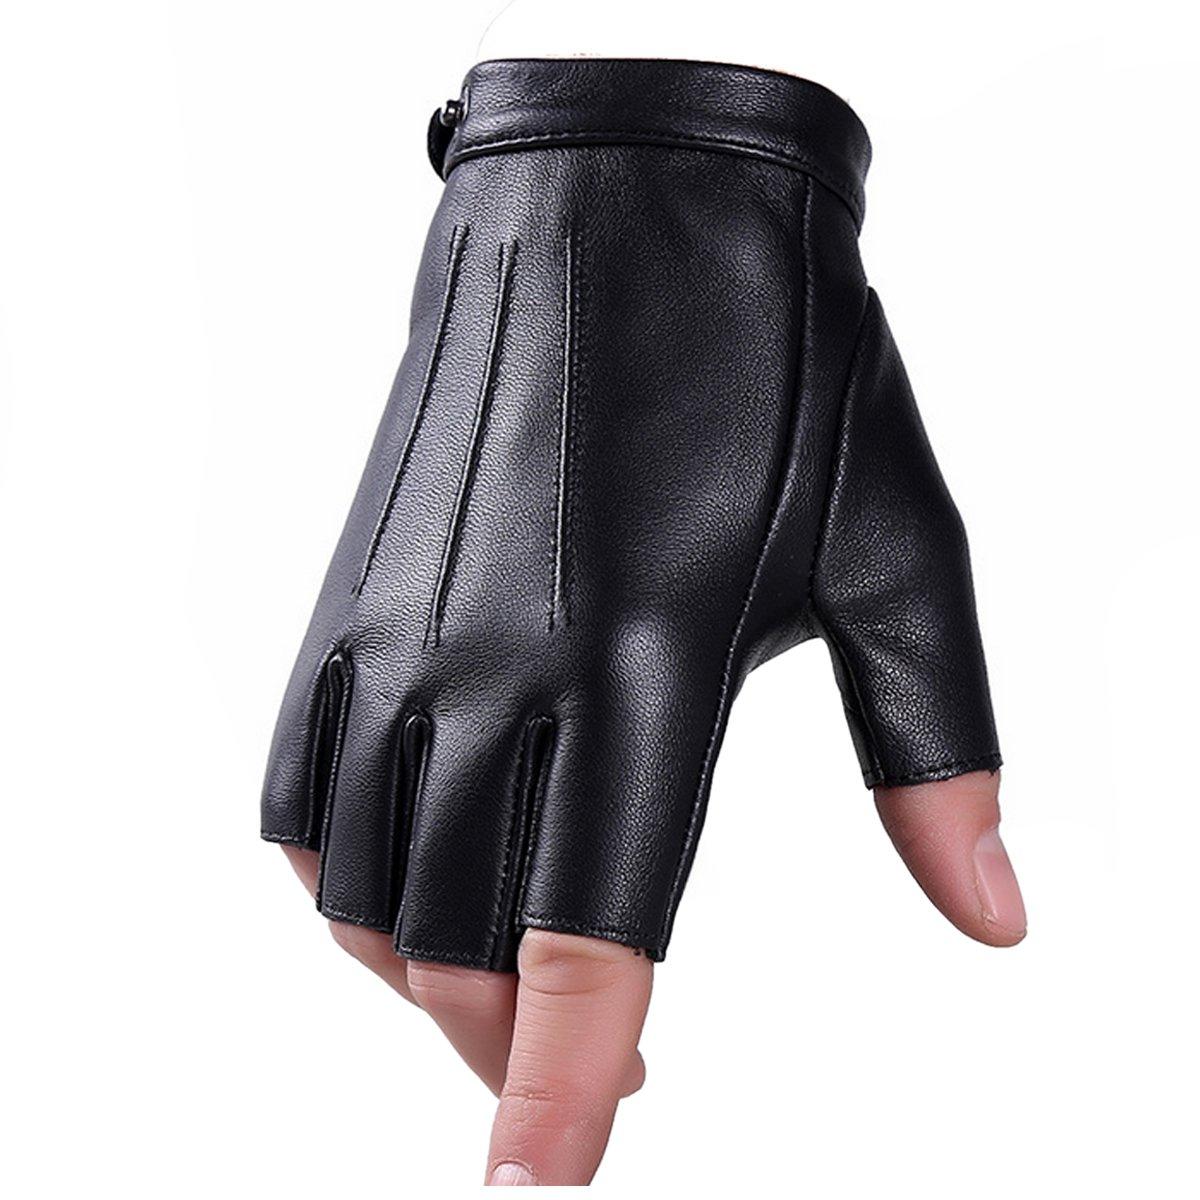 61101e3fb5d9 Hiver éthiopien Véritable En Cuir Mitaines Gants Fuxury Laine Écran Tactile  Texting Dress Conduite Gant pour Hommes Femmes Moto